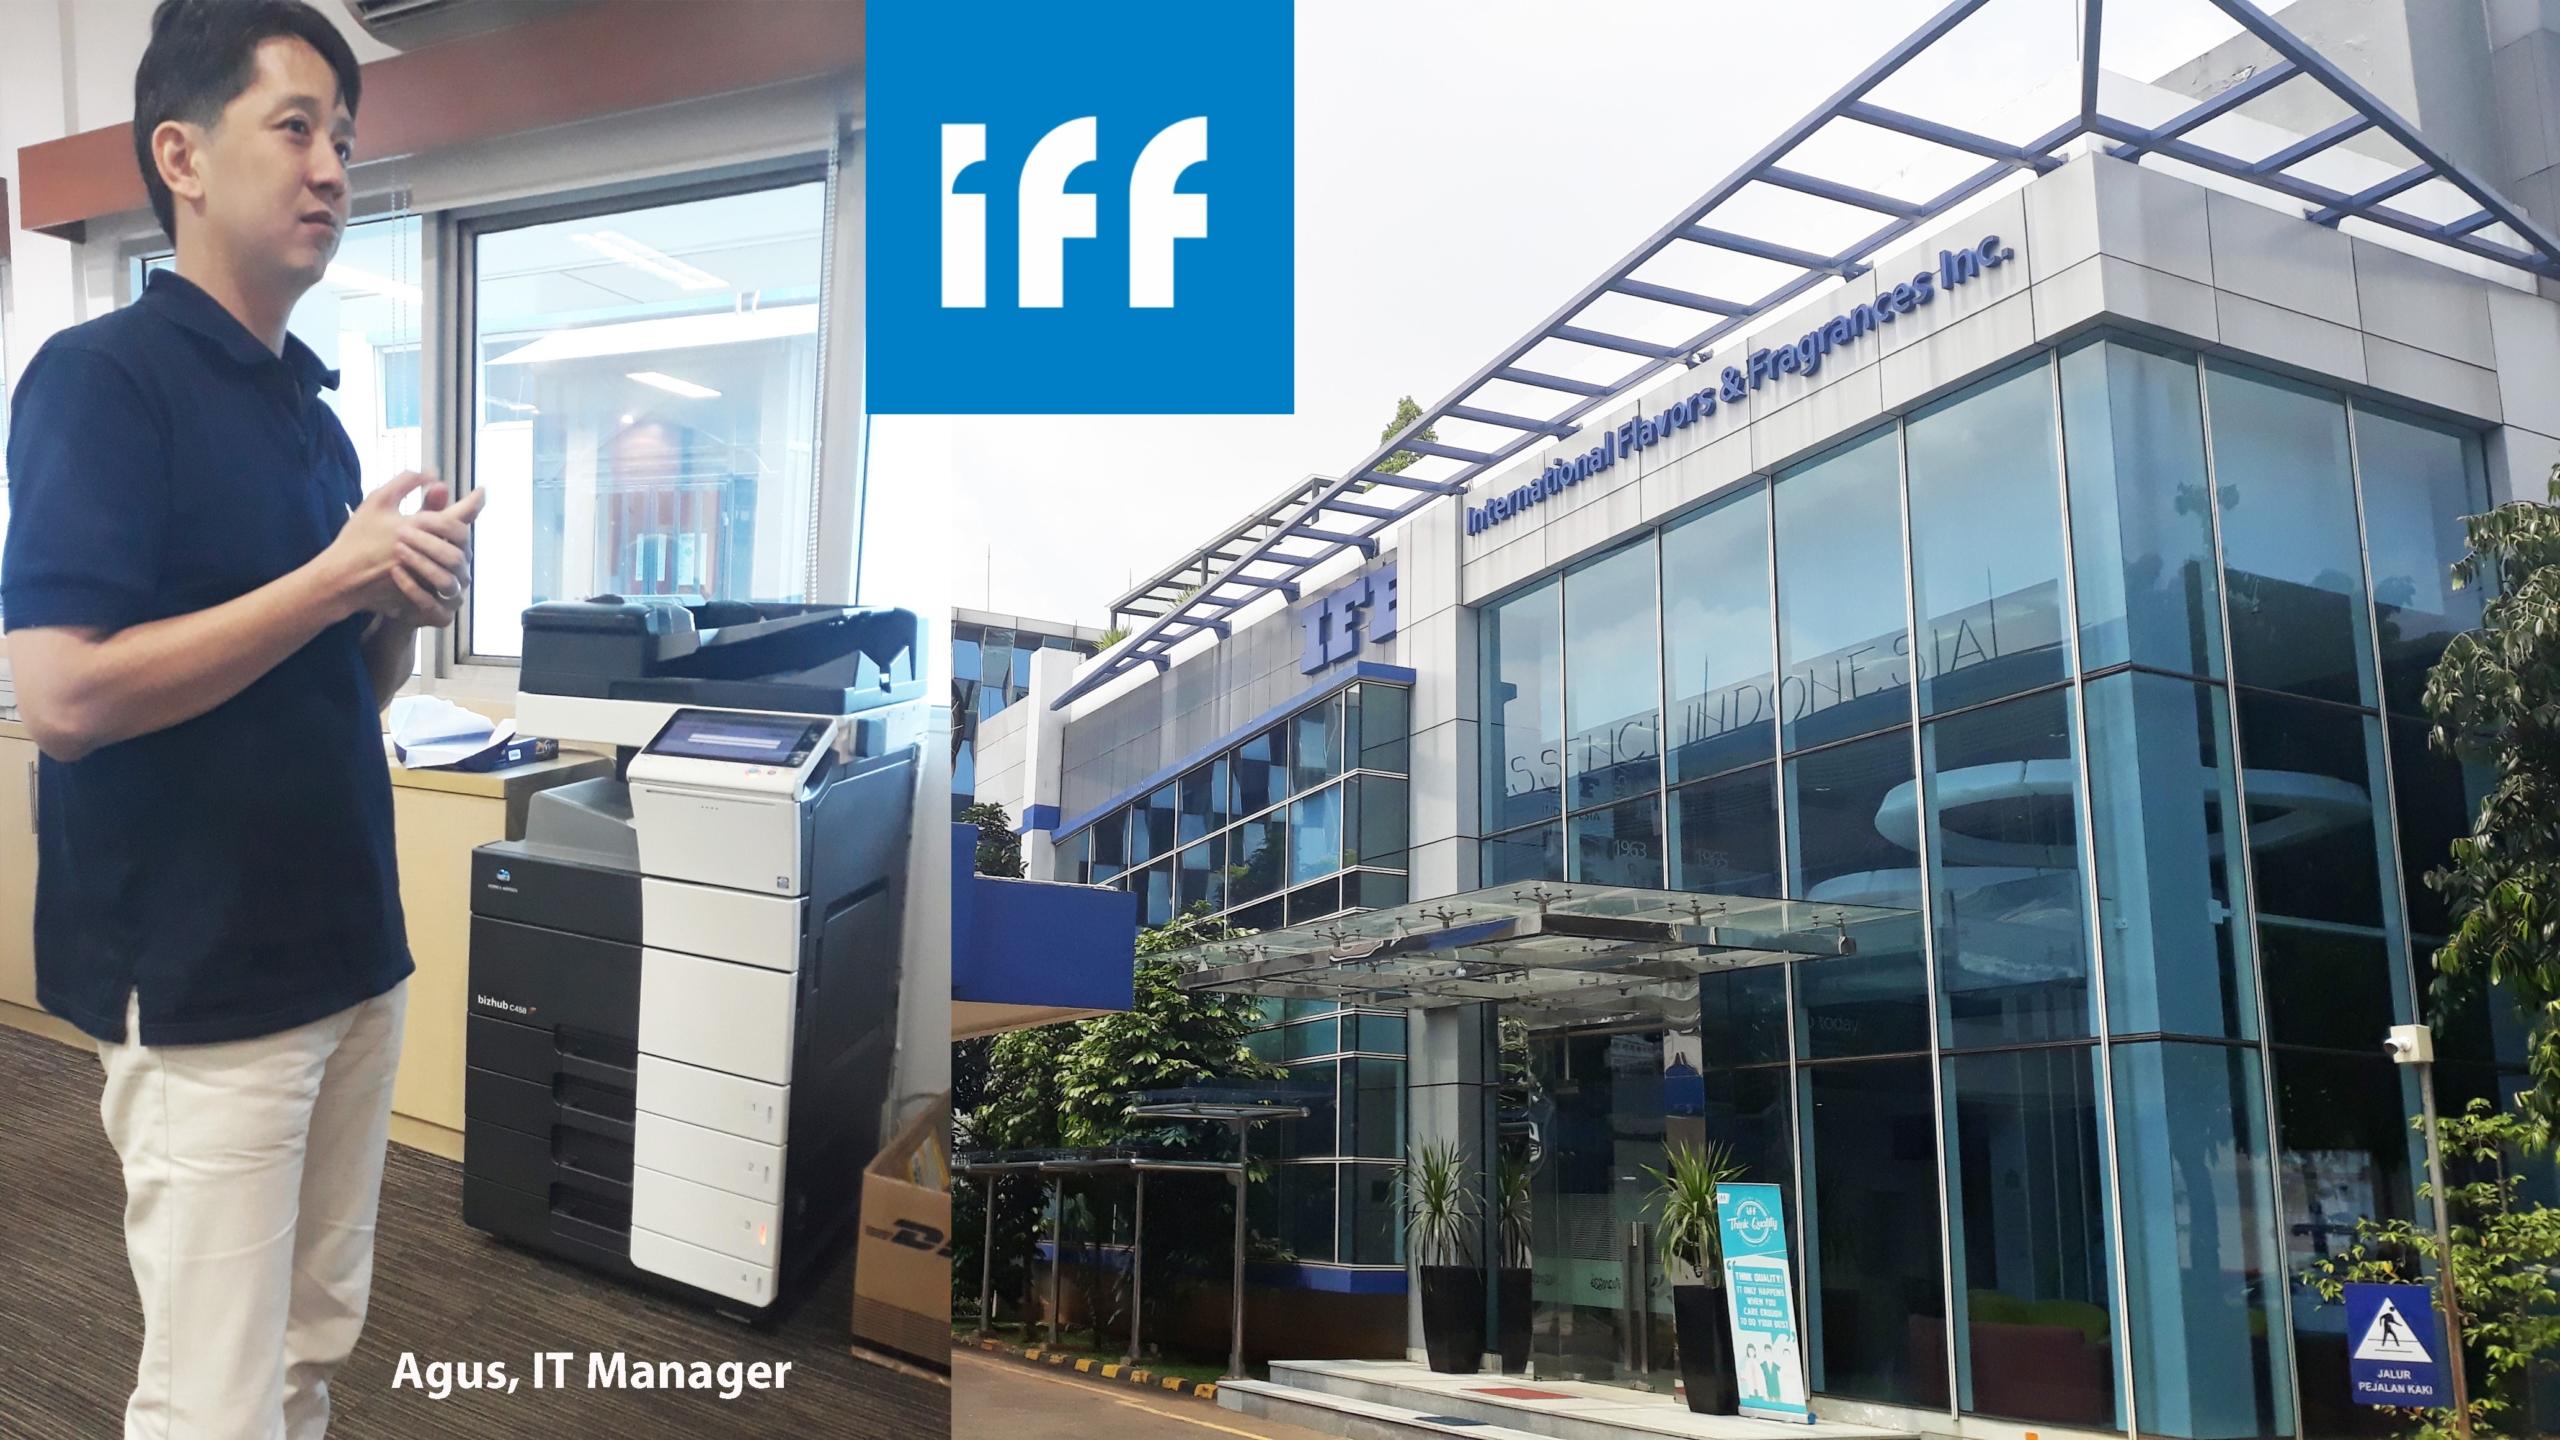 PT ESSENCE INDONESIA – IFF Puas Dengan Layanan Cetak dan Support Konica Minolta